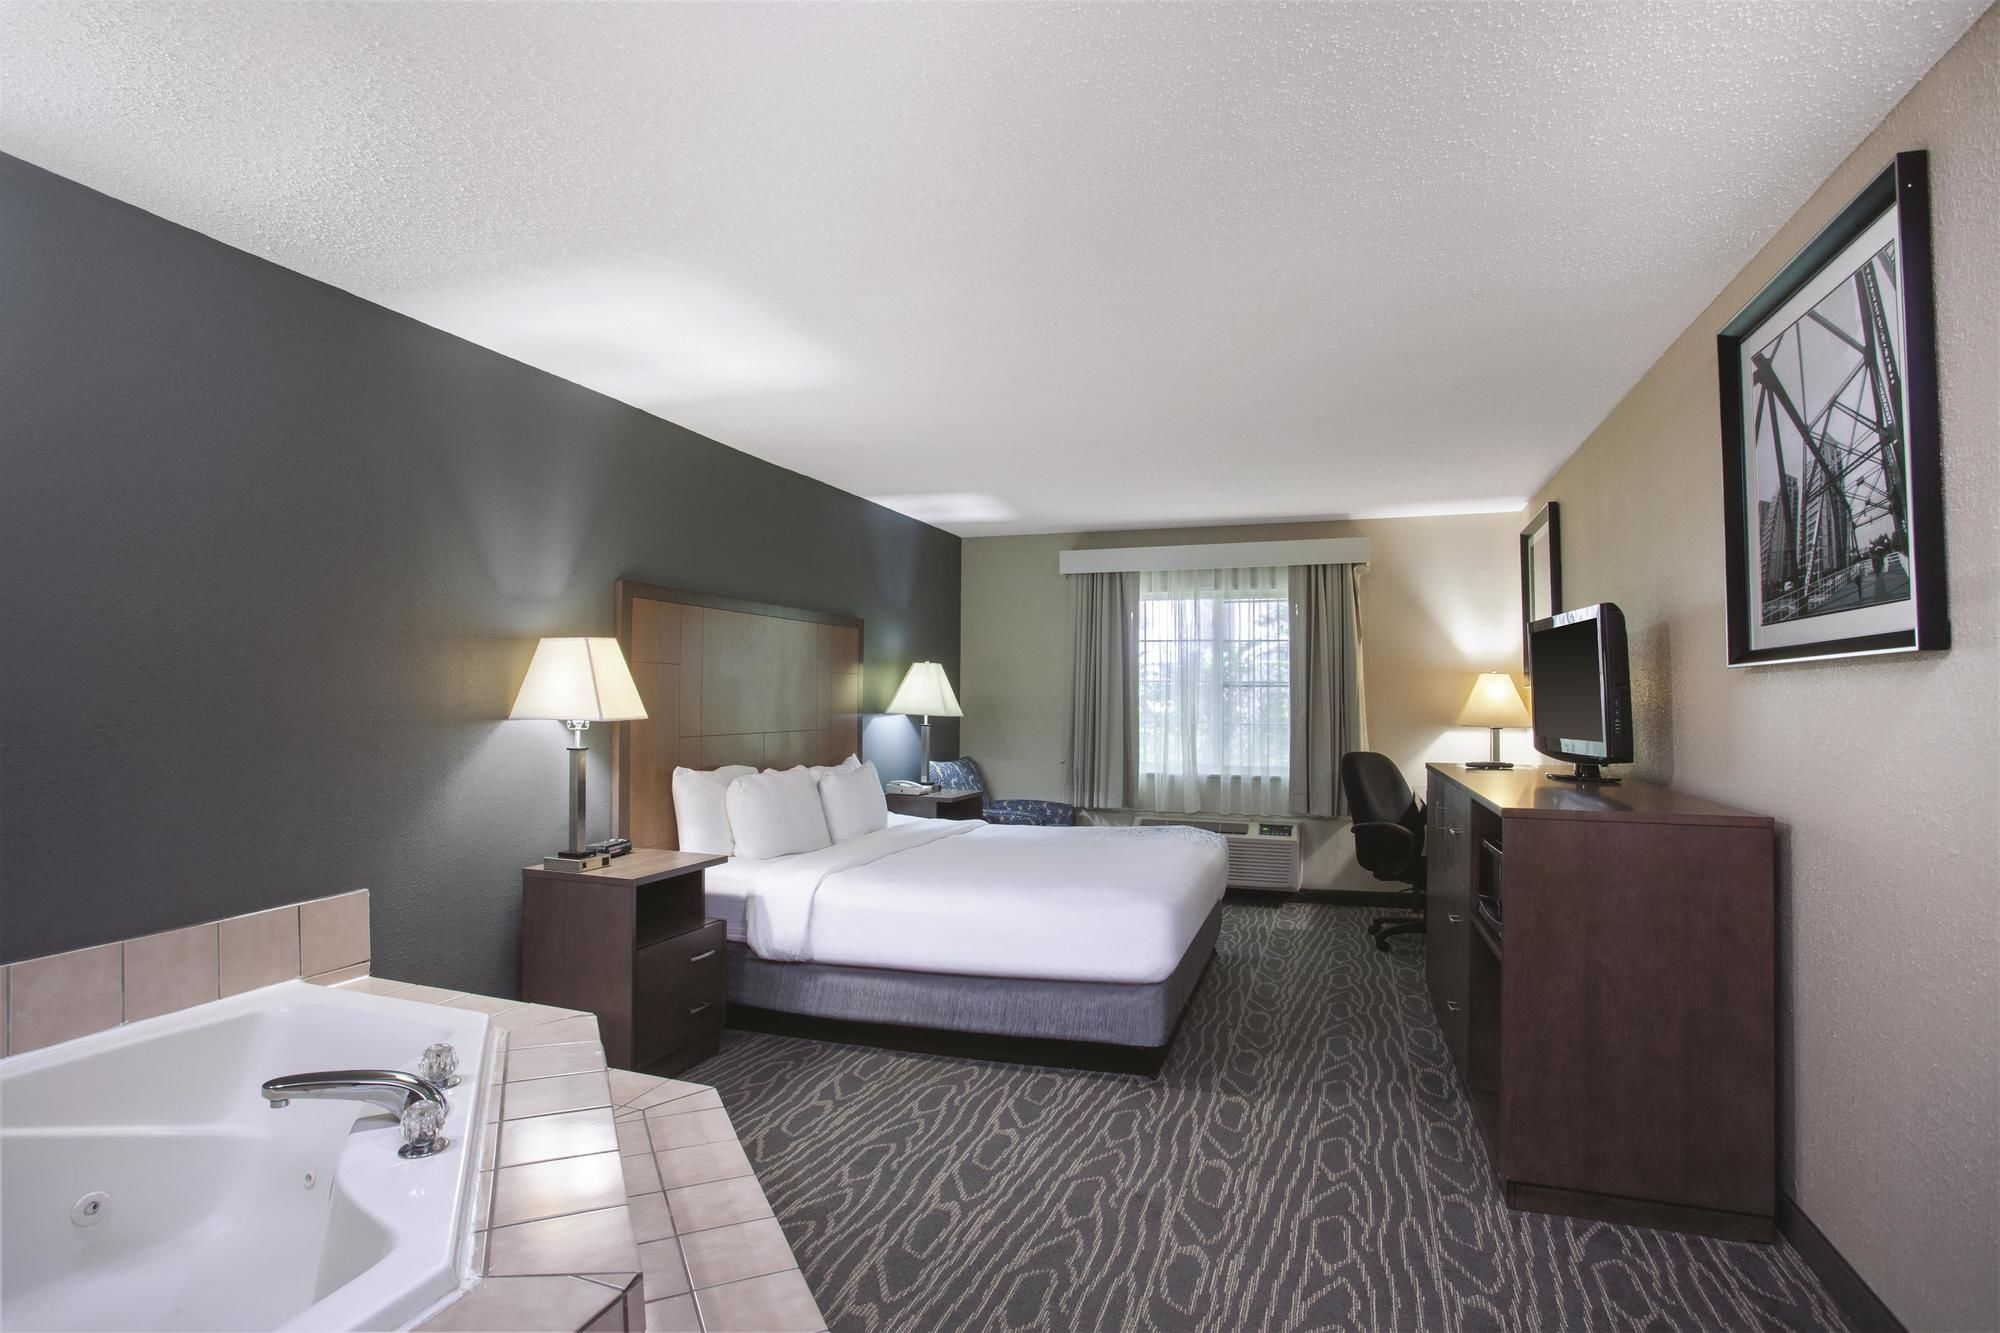 LaQuinta Inn & Suites in Richmond, VA